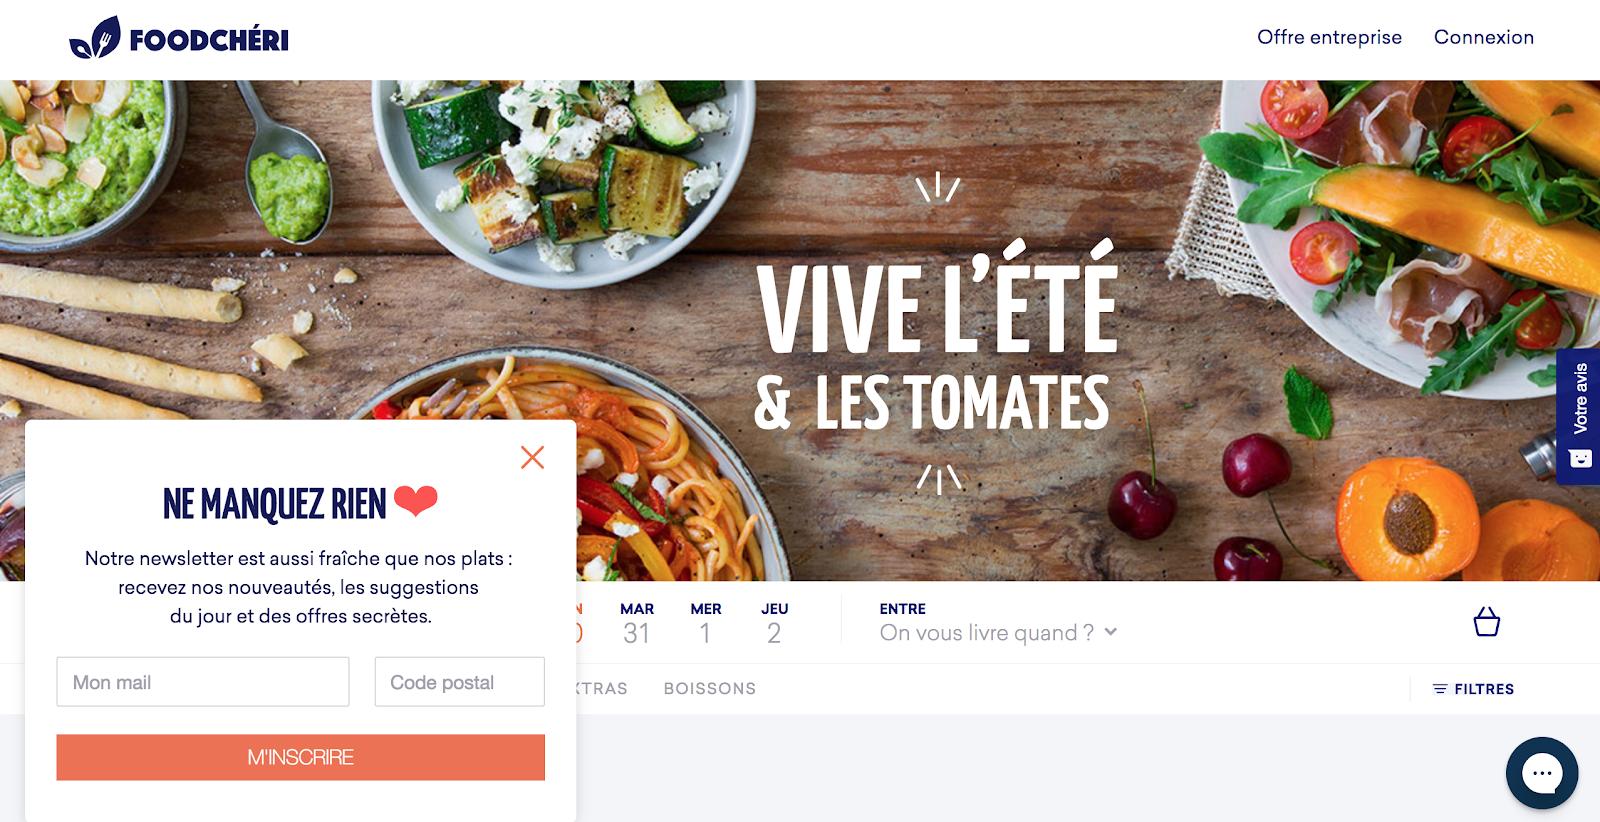 Page d'accueil de FoodChéri en juillet 2018